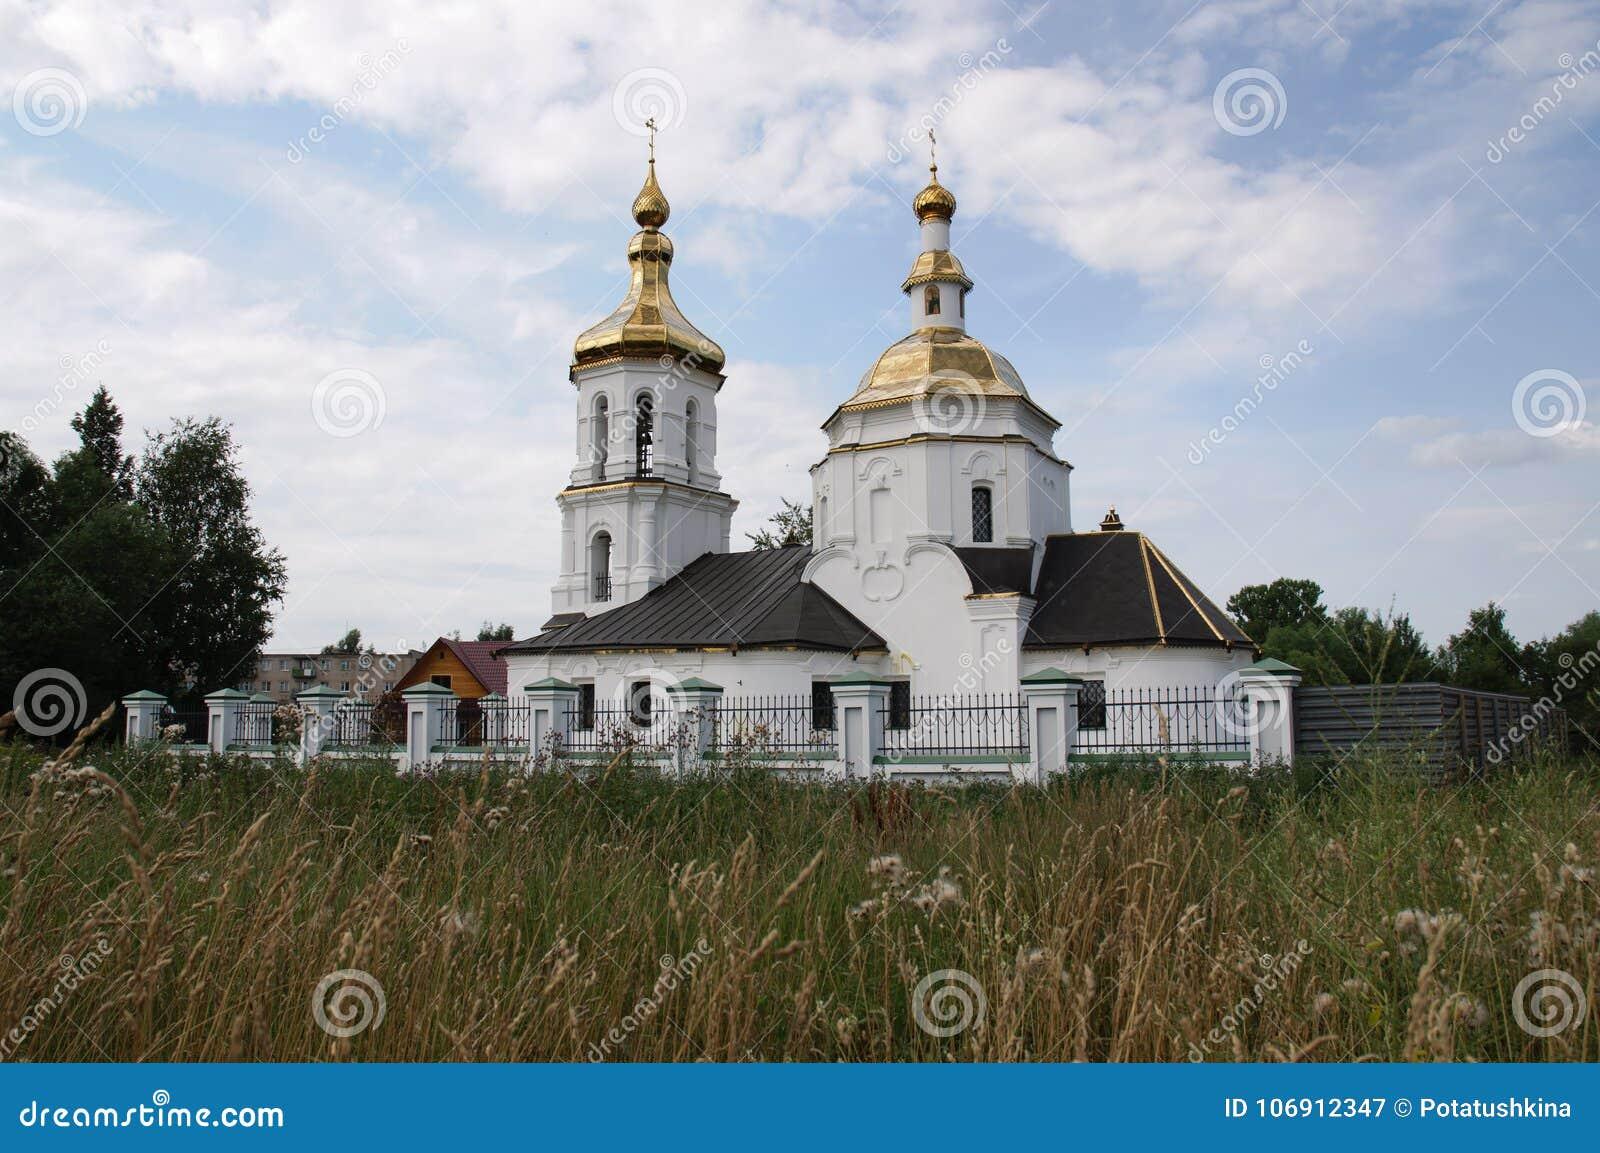 Święty transfiguracja kościół w mieście Tver region Bezhetsk